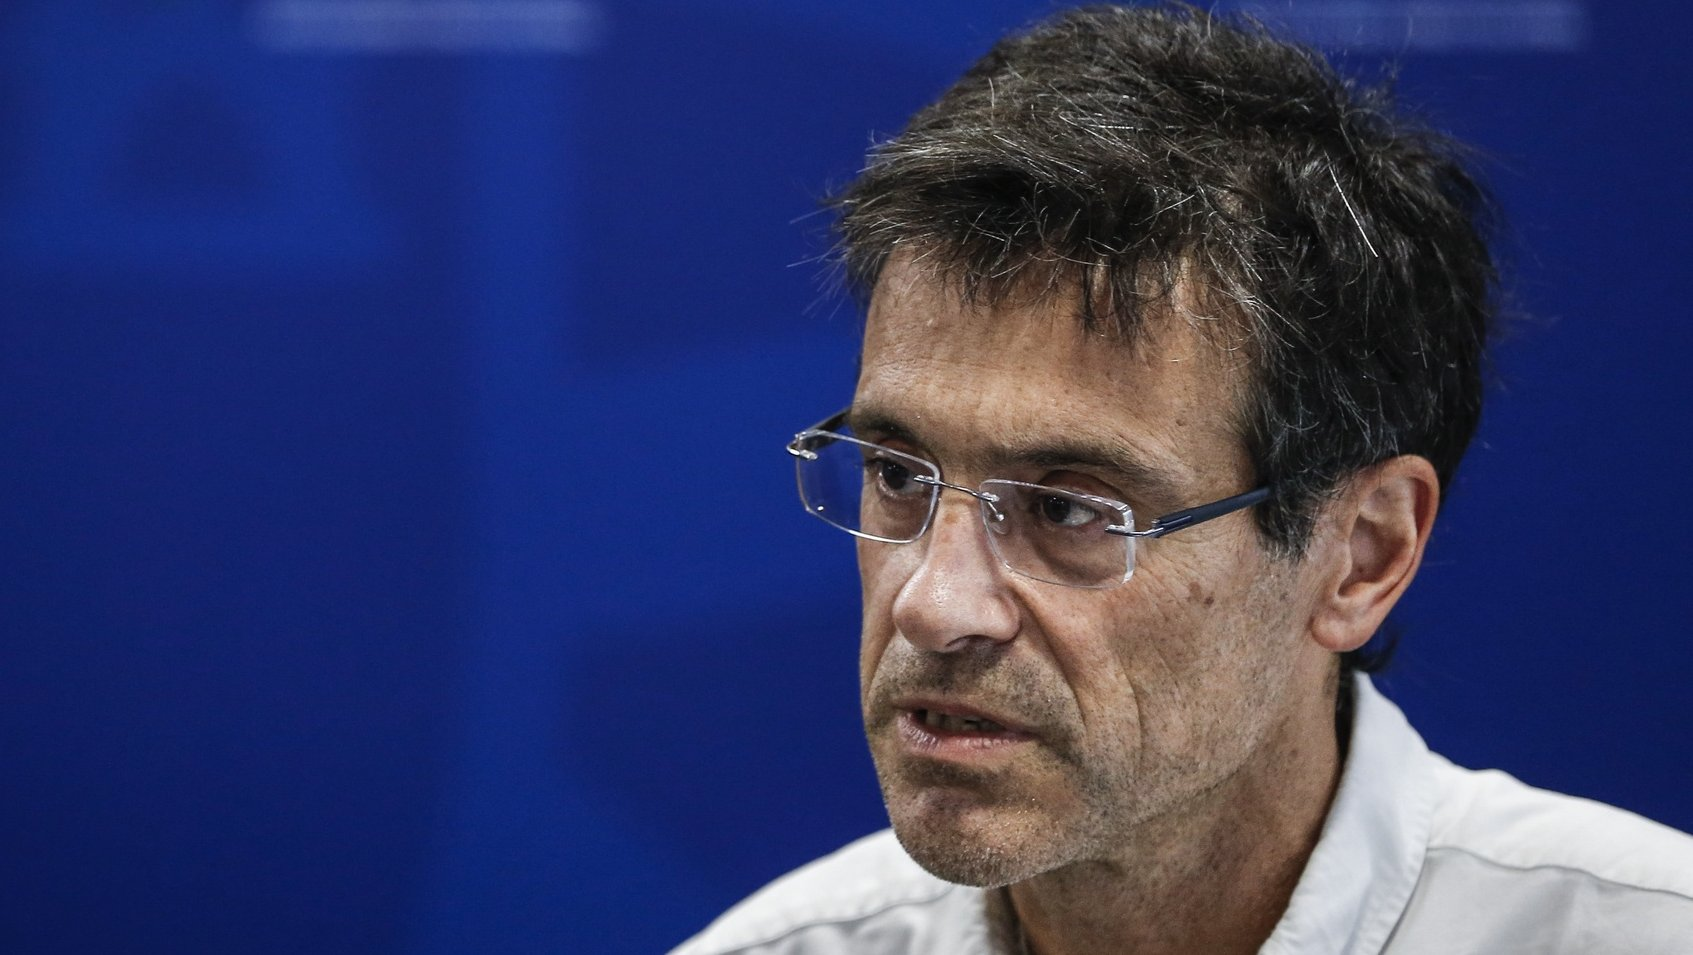 O comissão de Acompanhamento de Resposta Nacional em medicina intensiva, João Gouveia, intervém durante a conferência de imprensa diária sobre o novo coronavírus (covid-19), realizada no Ministério da Saúde, em Lisboa, 8 de abril de 2020. Em Portugal, registaram-se 380 mortes e 13.141 infeções confirmadas, segundo o balanço feito hoje pela Direção-Geral da Saúde (DGS). RODRIGO ANTUNES/POOL/LUSA